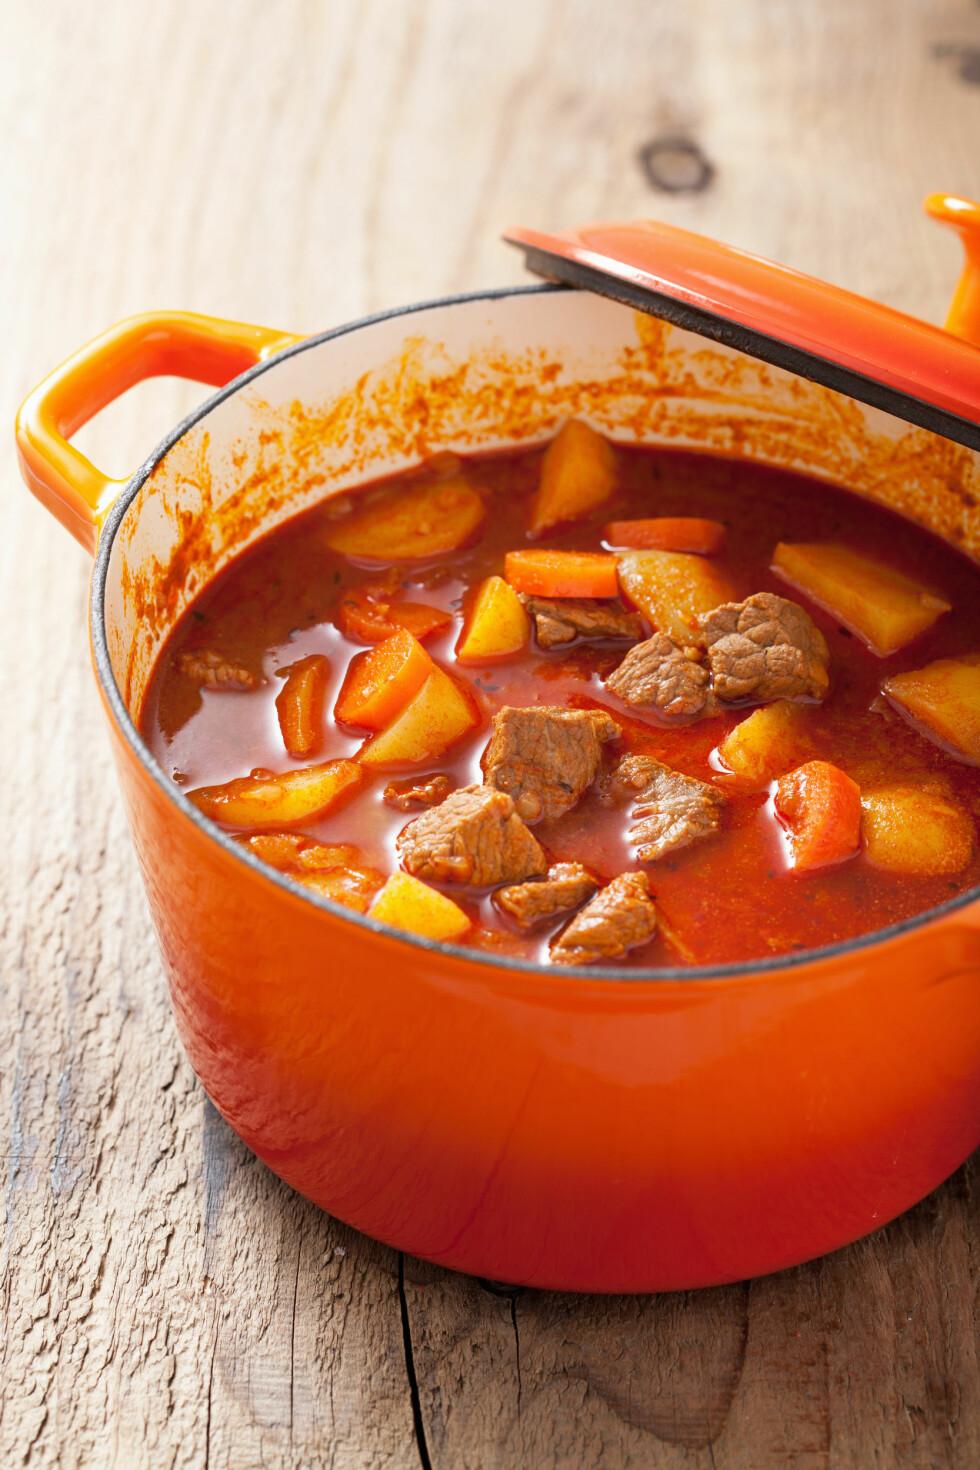 MAGRERE MIDDAG: Sjekk ut de tre metodene for å redusere fettmengden i middagsmaten. Foto: dusk - Fotolia